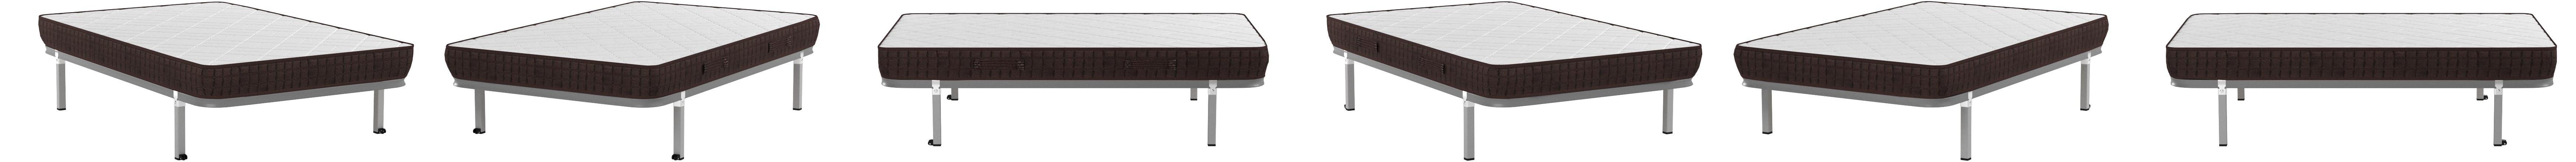 HOGAR24 ES Cama Completa-Colchón Viscobrown Reversible + Somier Basic + 4 Patas, 120x190